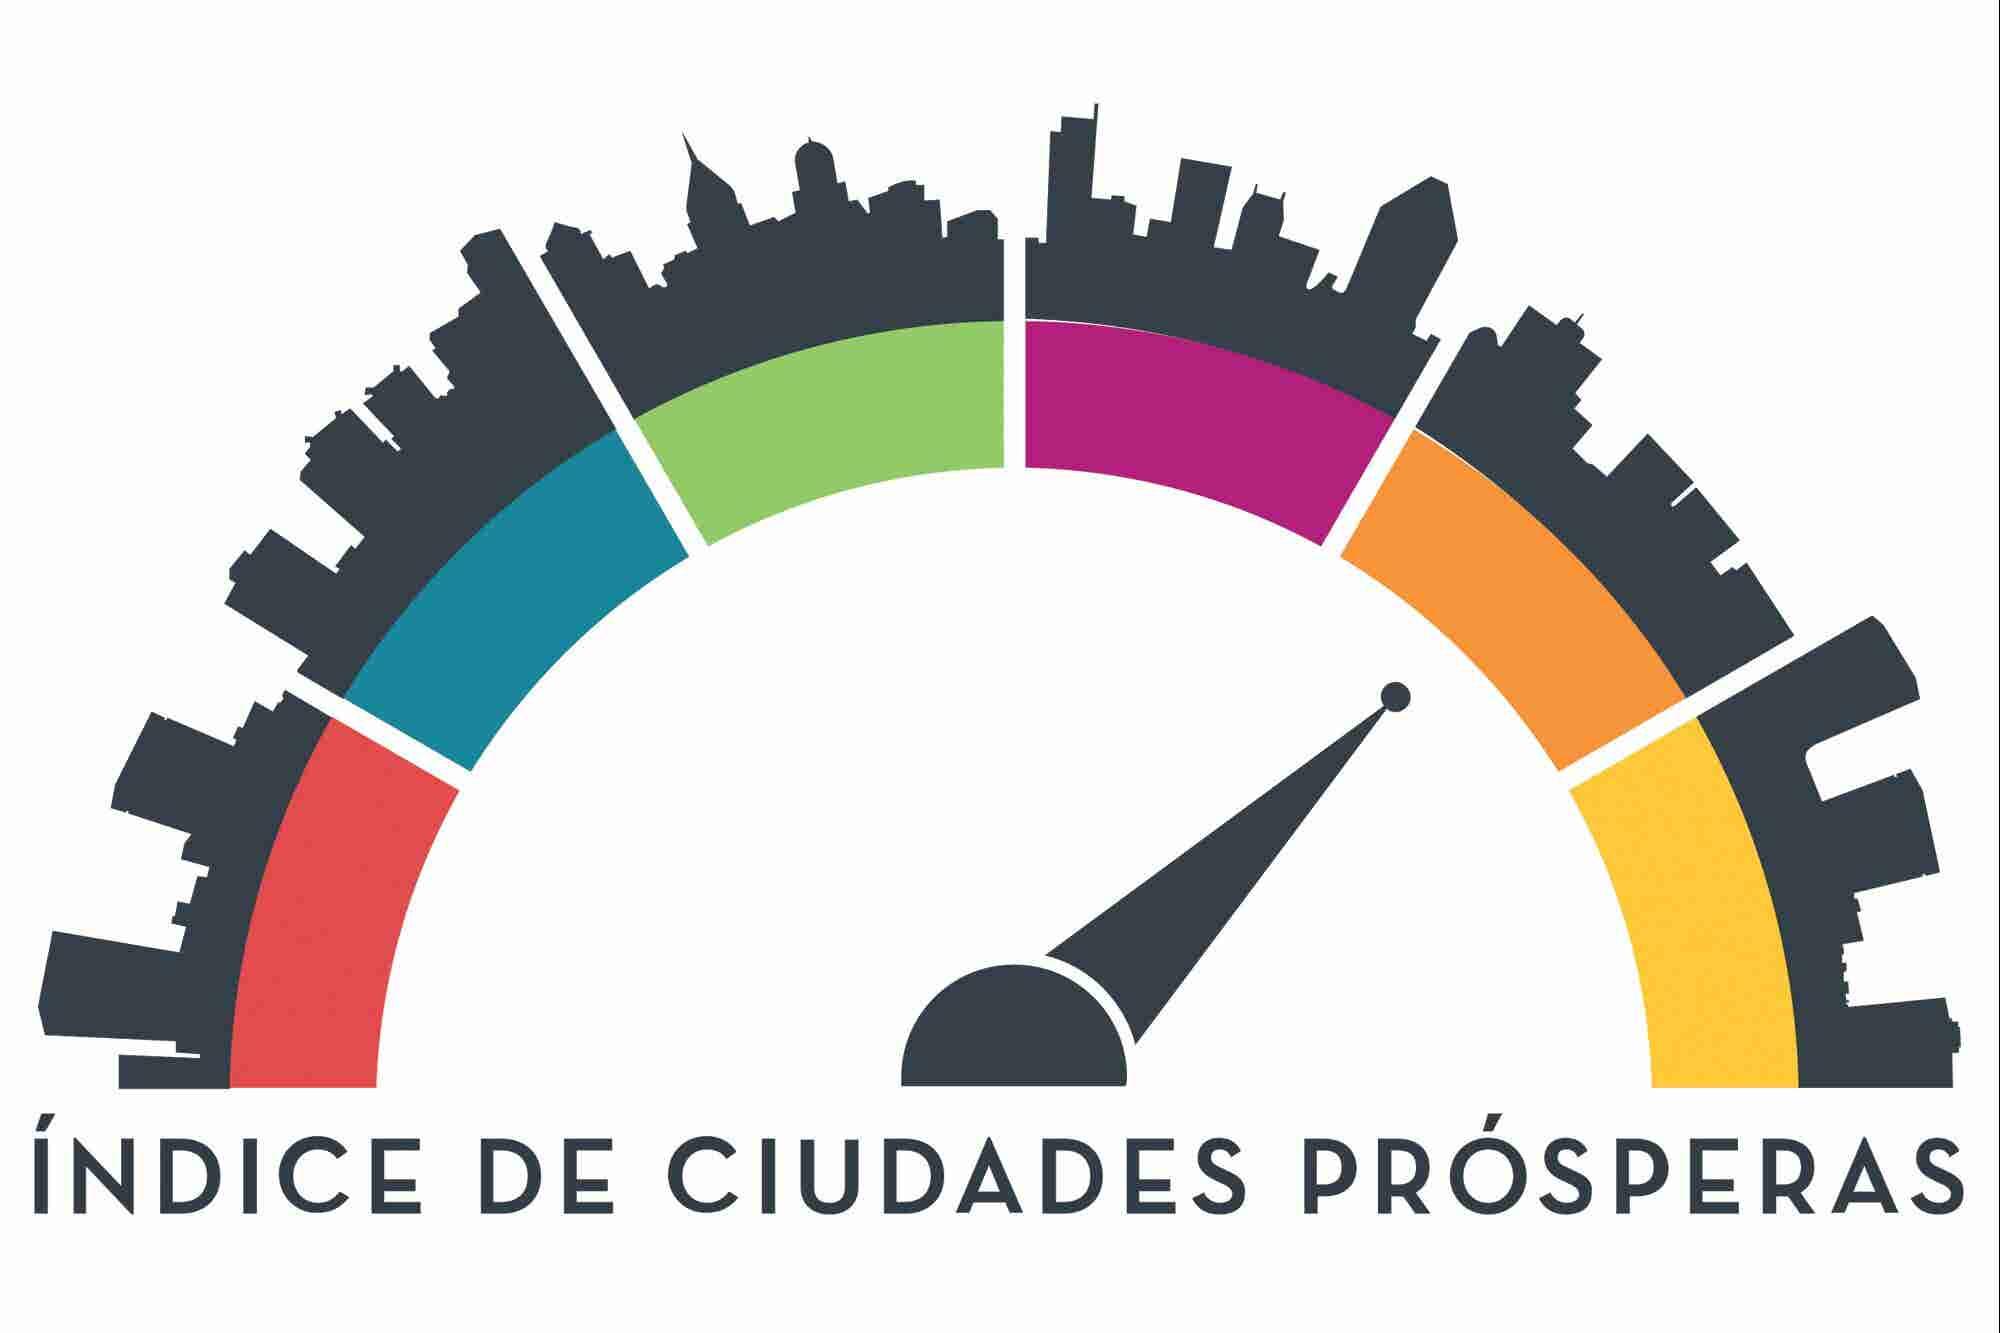 Ciudades Prósperas de México, ¿cómo se evalúan?